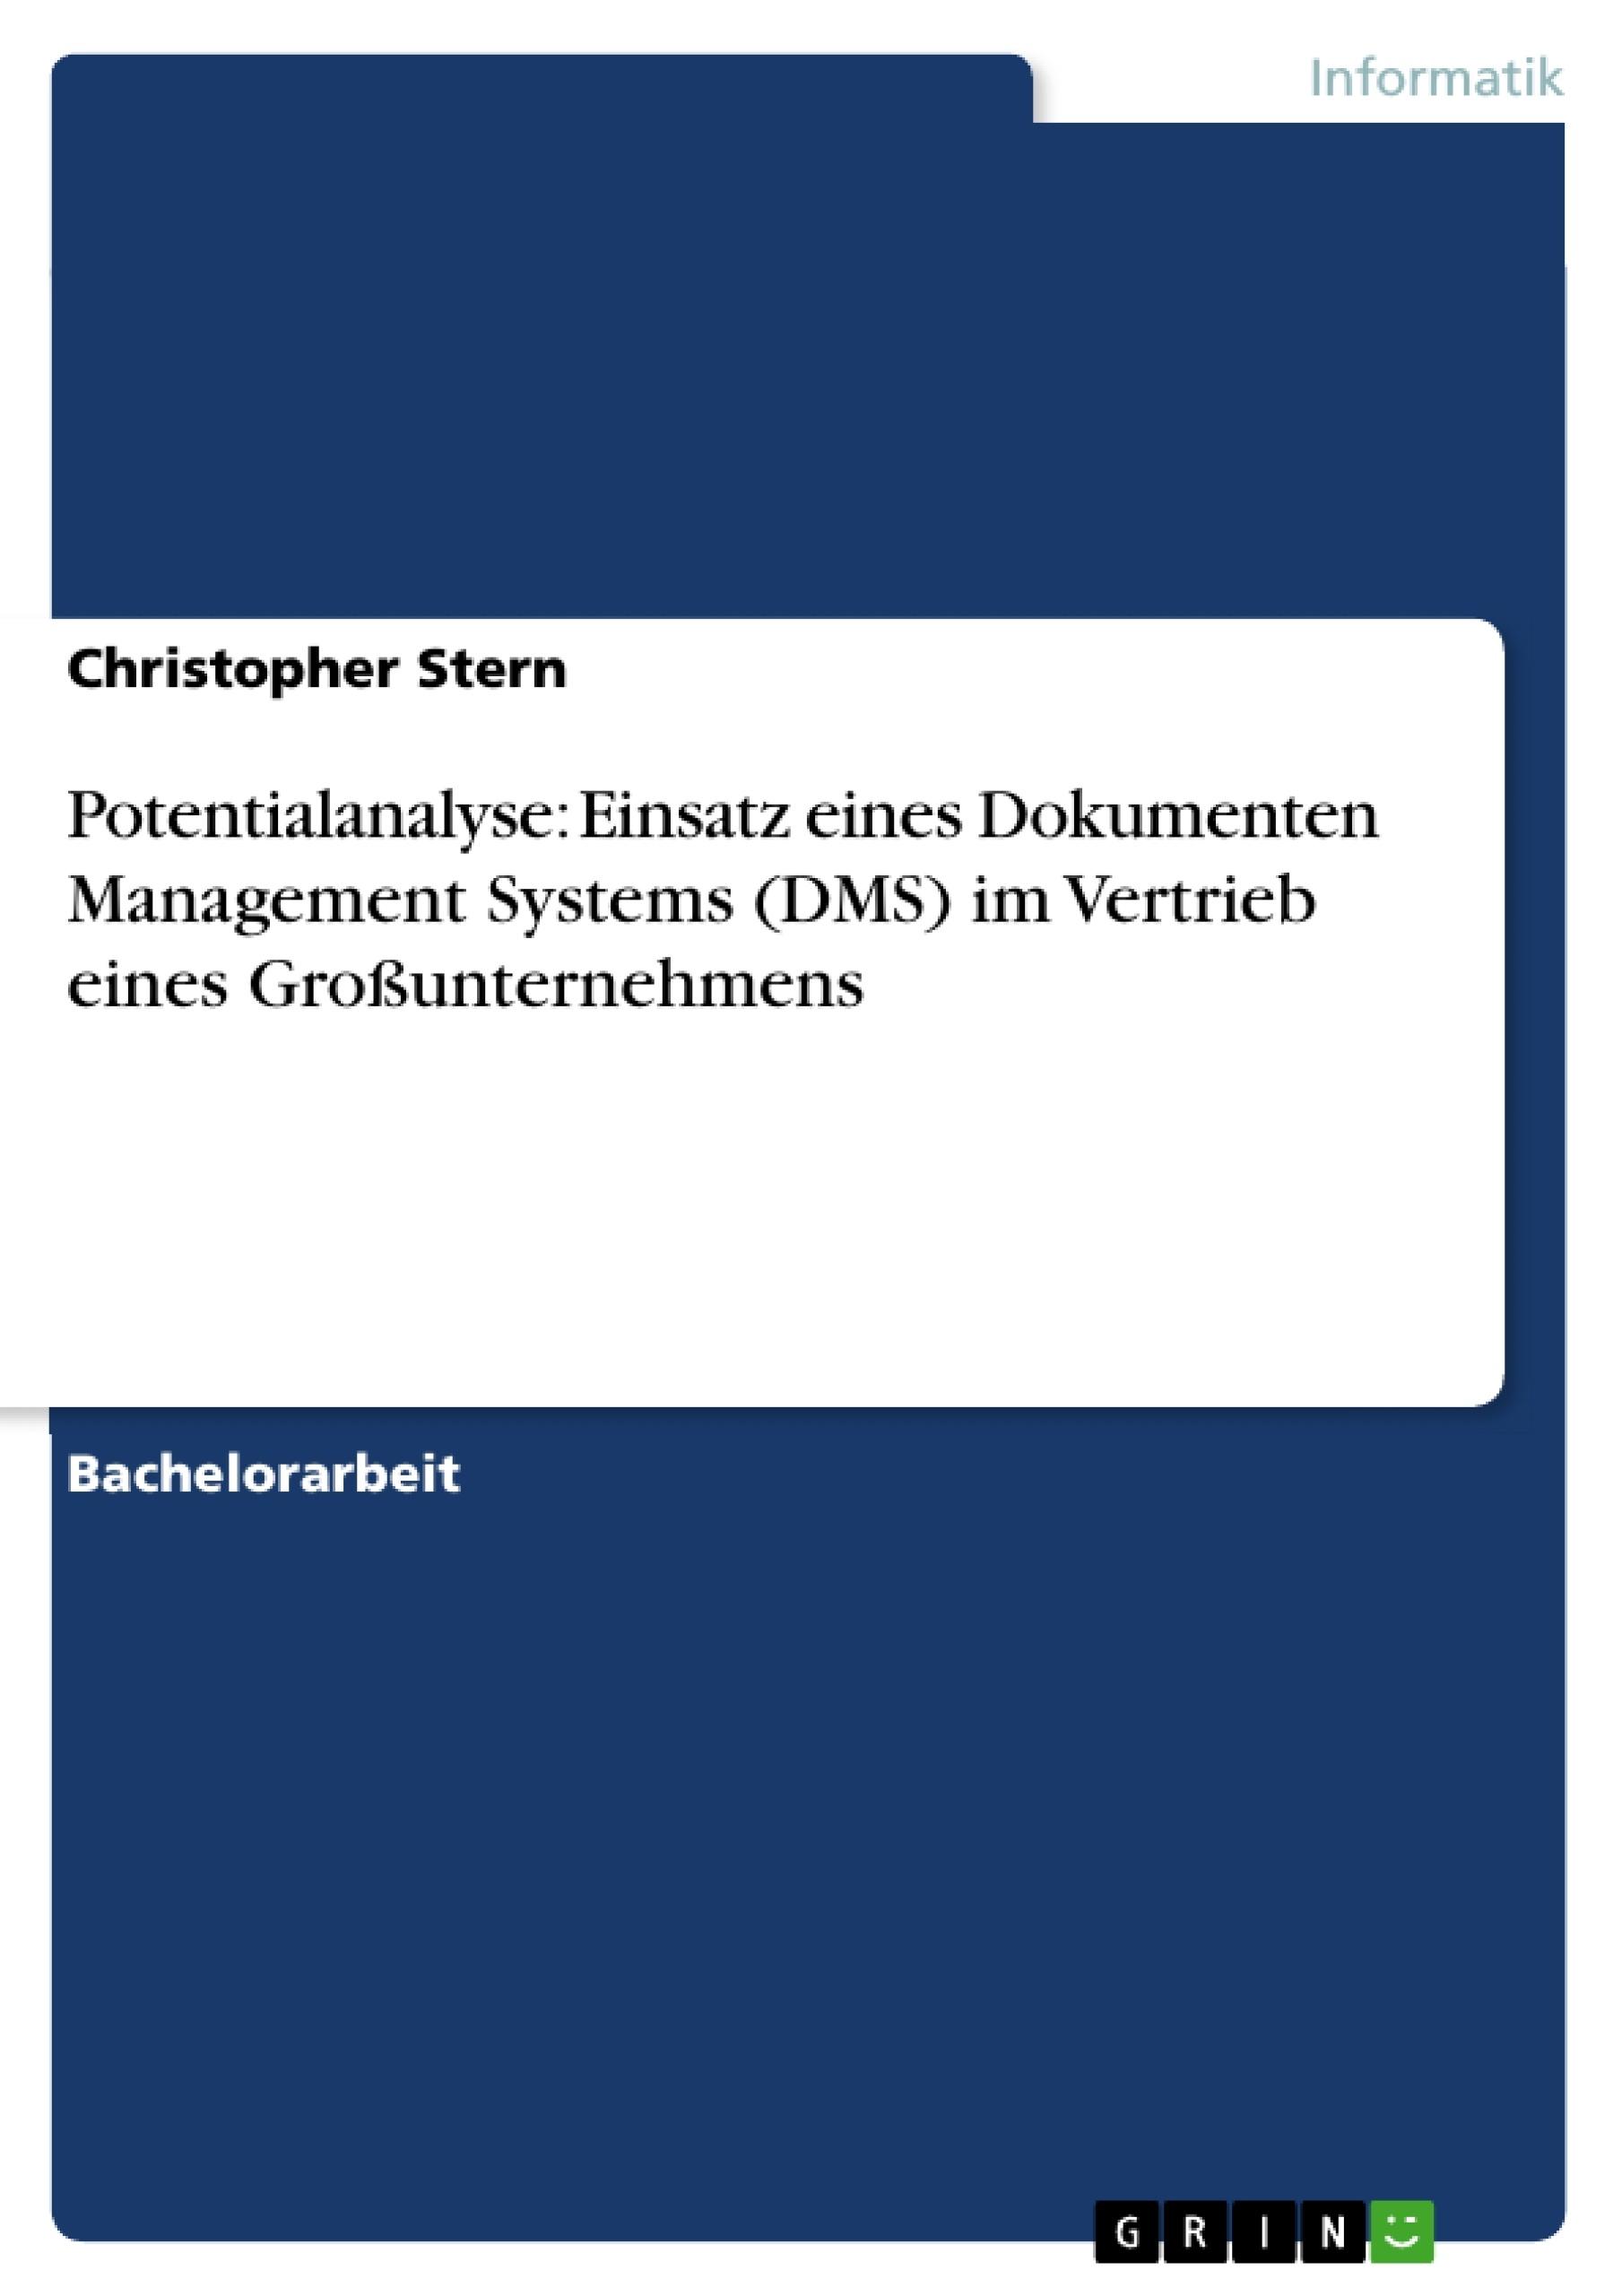 Titel: Potentialanalyse: Einsatz eines Dokumenten Management Systems (DMS) im Vertrieb eines Großunternehmens